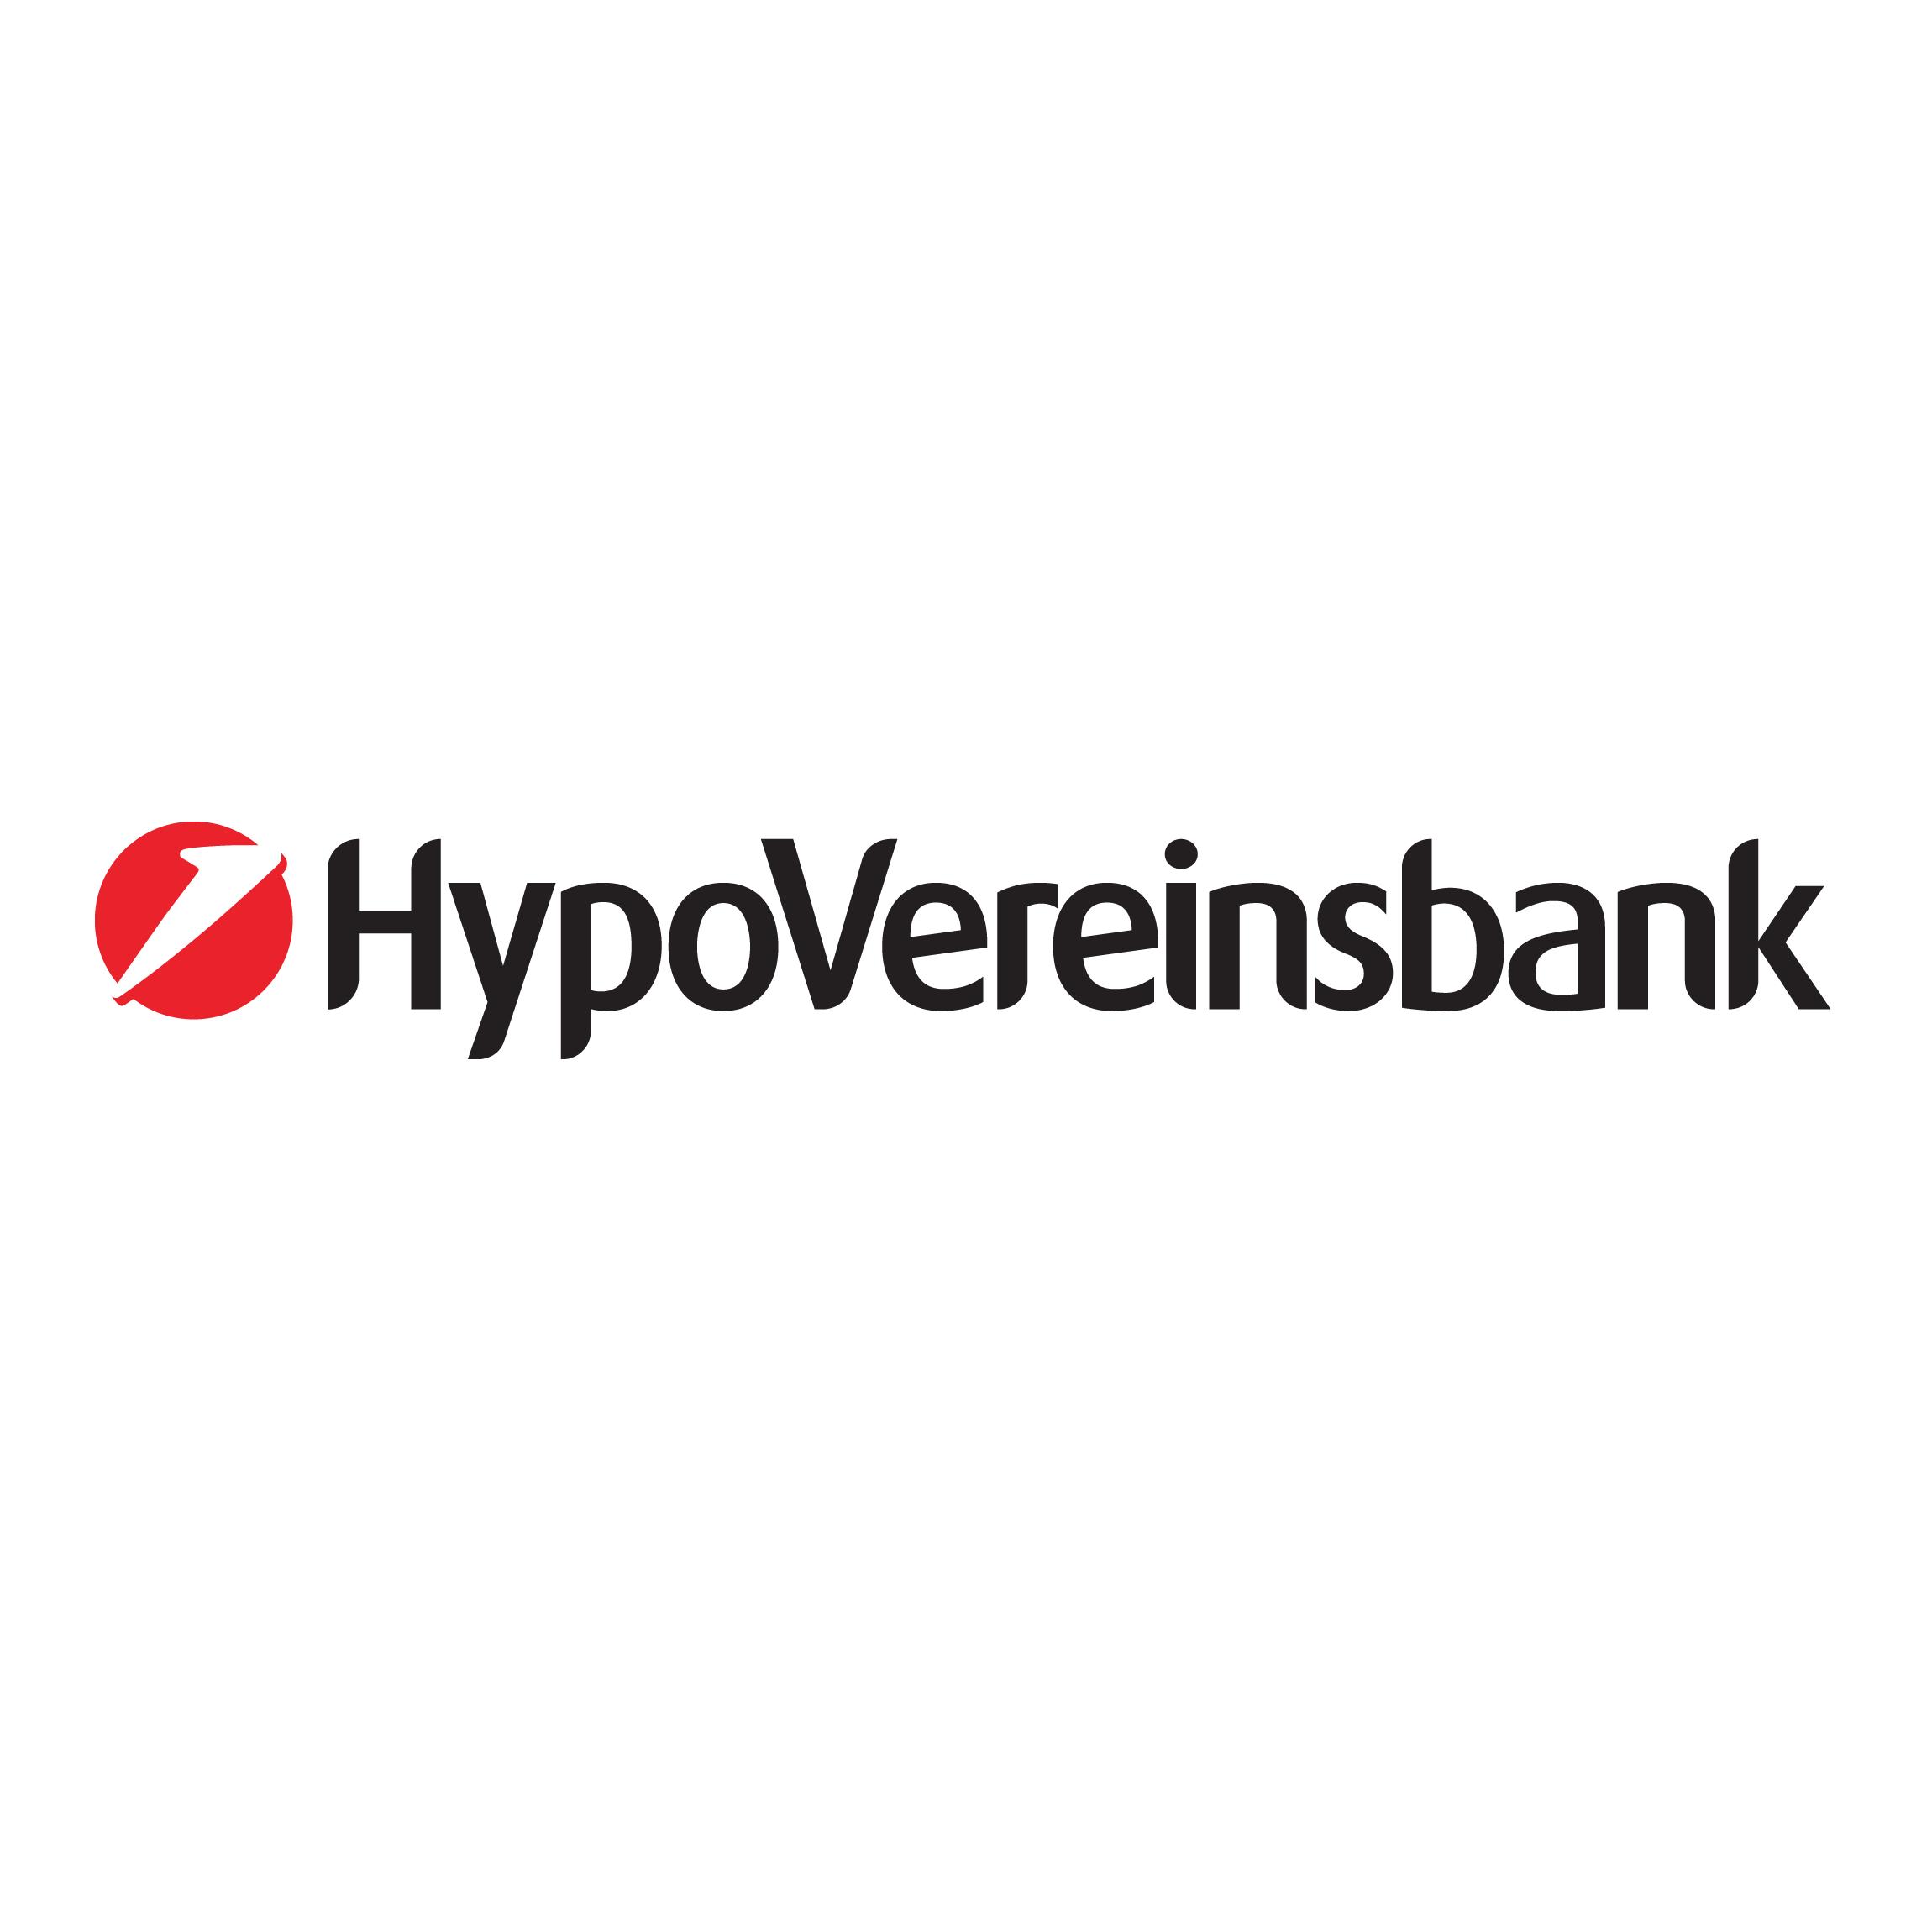 HypoVereinsbank Landshut Geldautomat